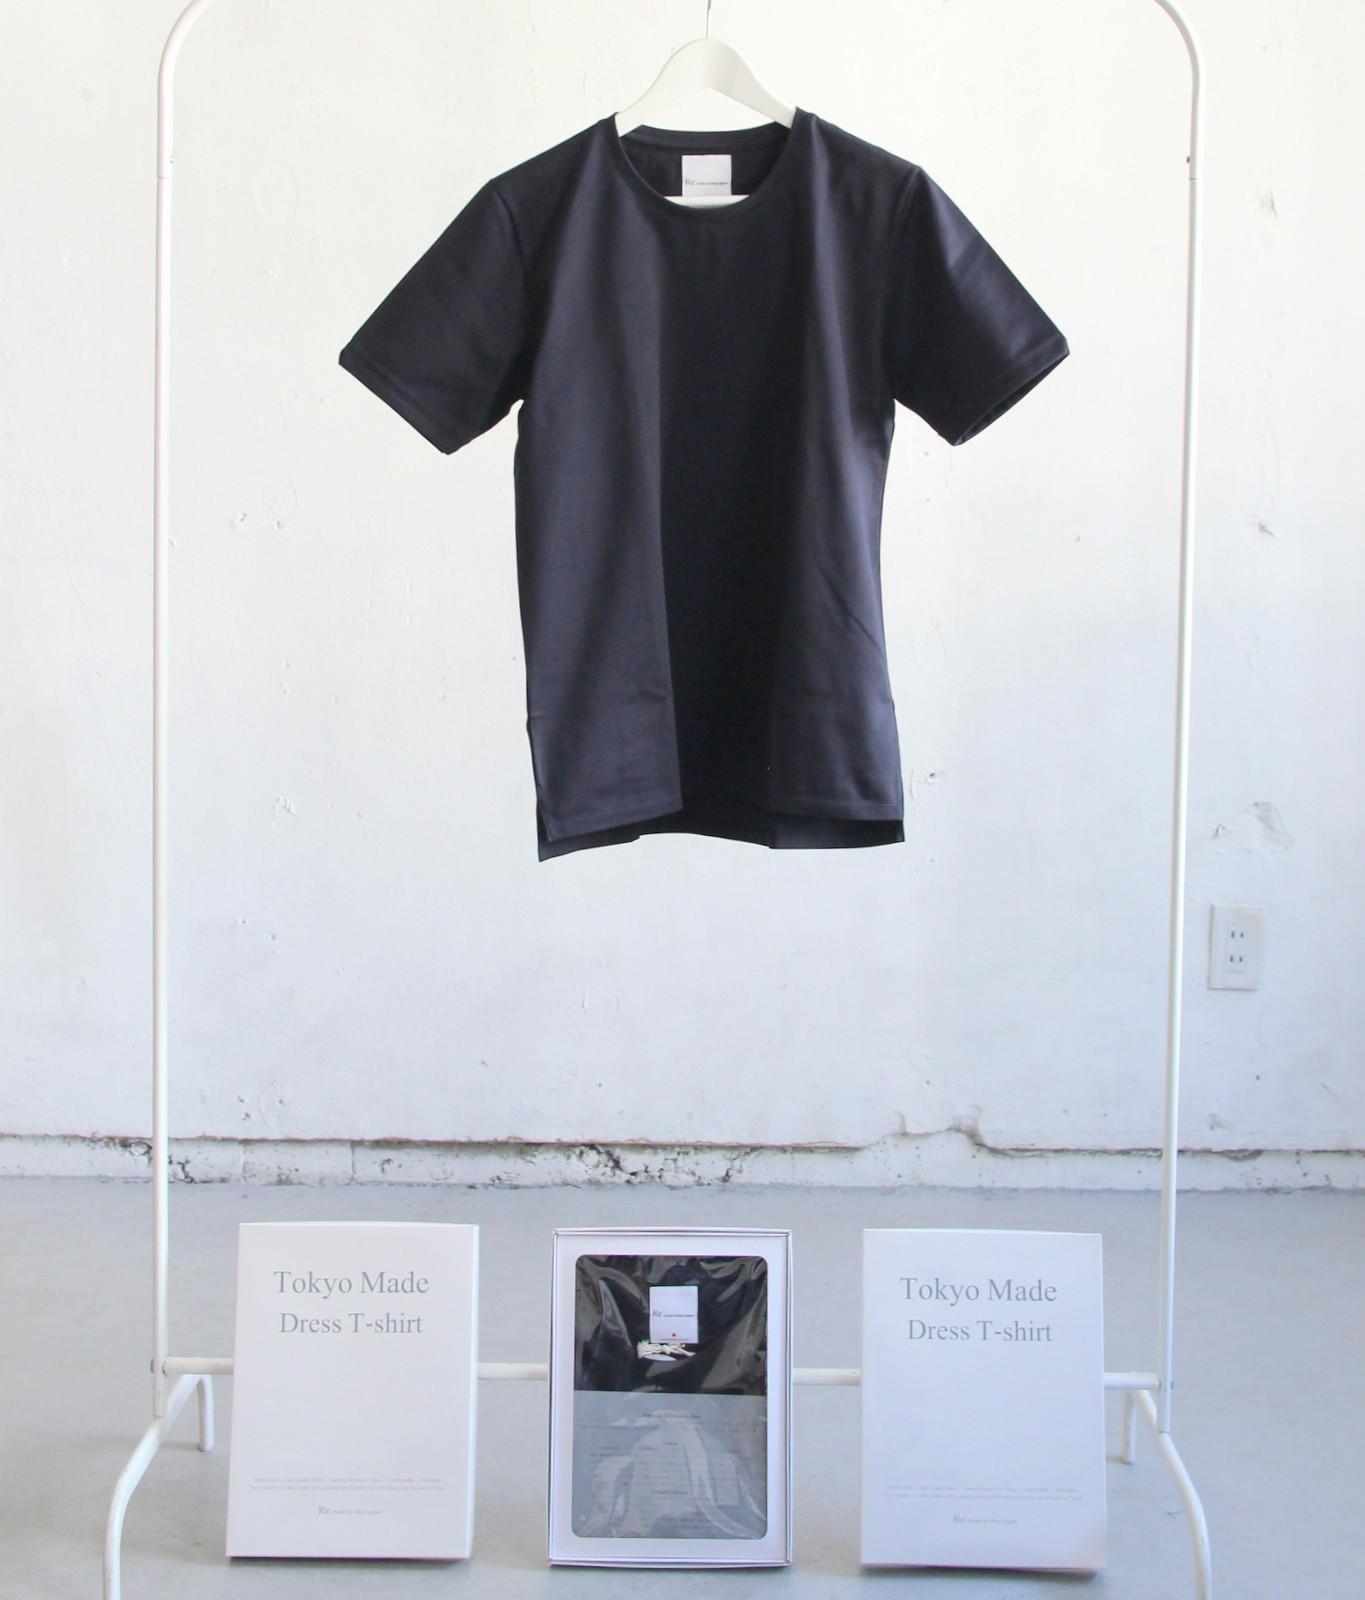 Tokyo Made Dress T-shirt_c0379477_08274524.jpg